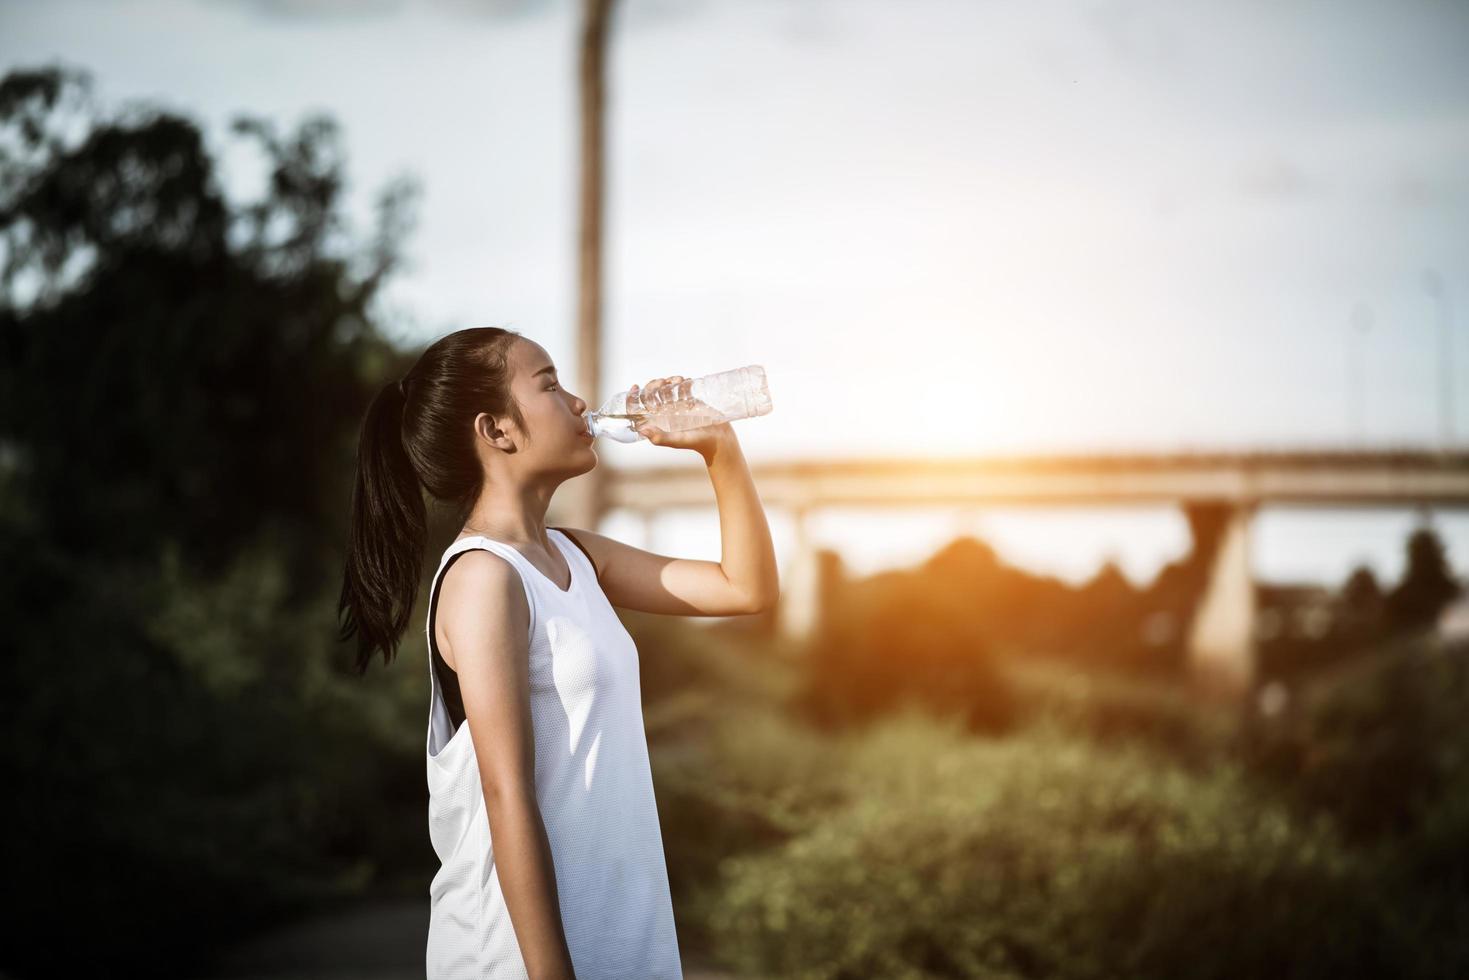 giovane adolescente fitness acqua potabile dopo aver eseguito l'esercizio foto